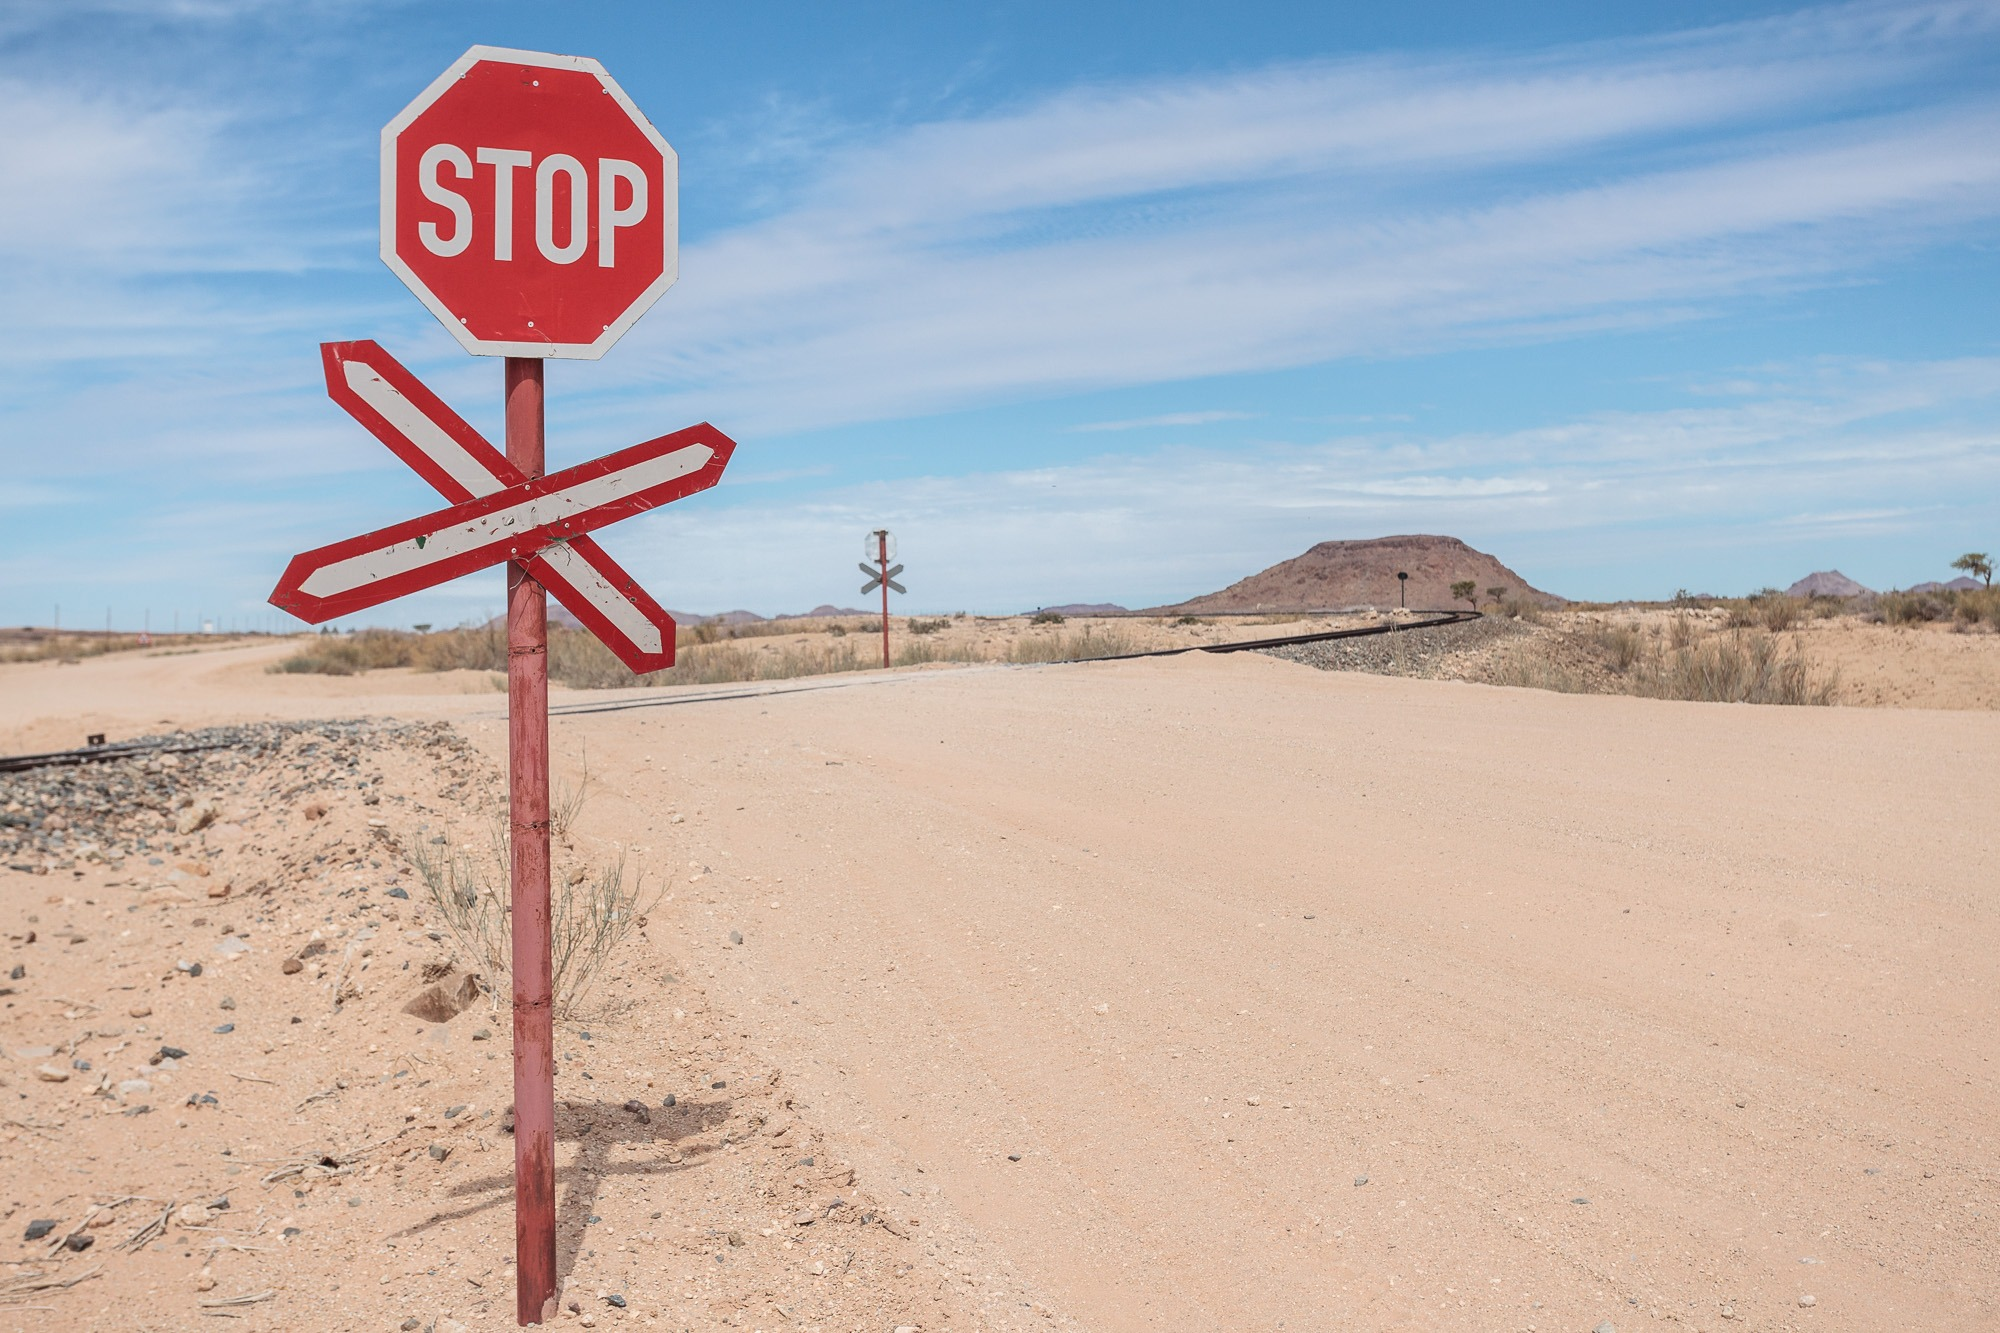 Stop Schild vor Bahnübergang in Namibia